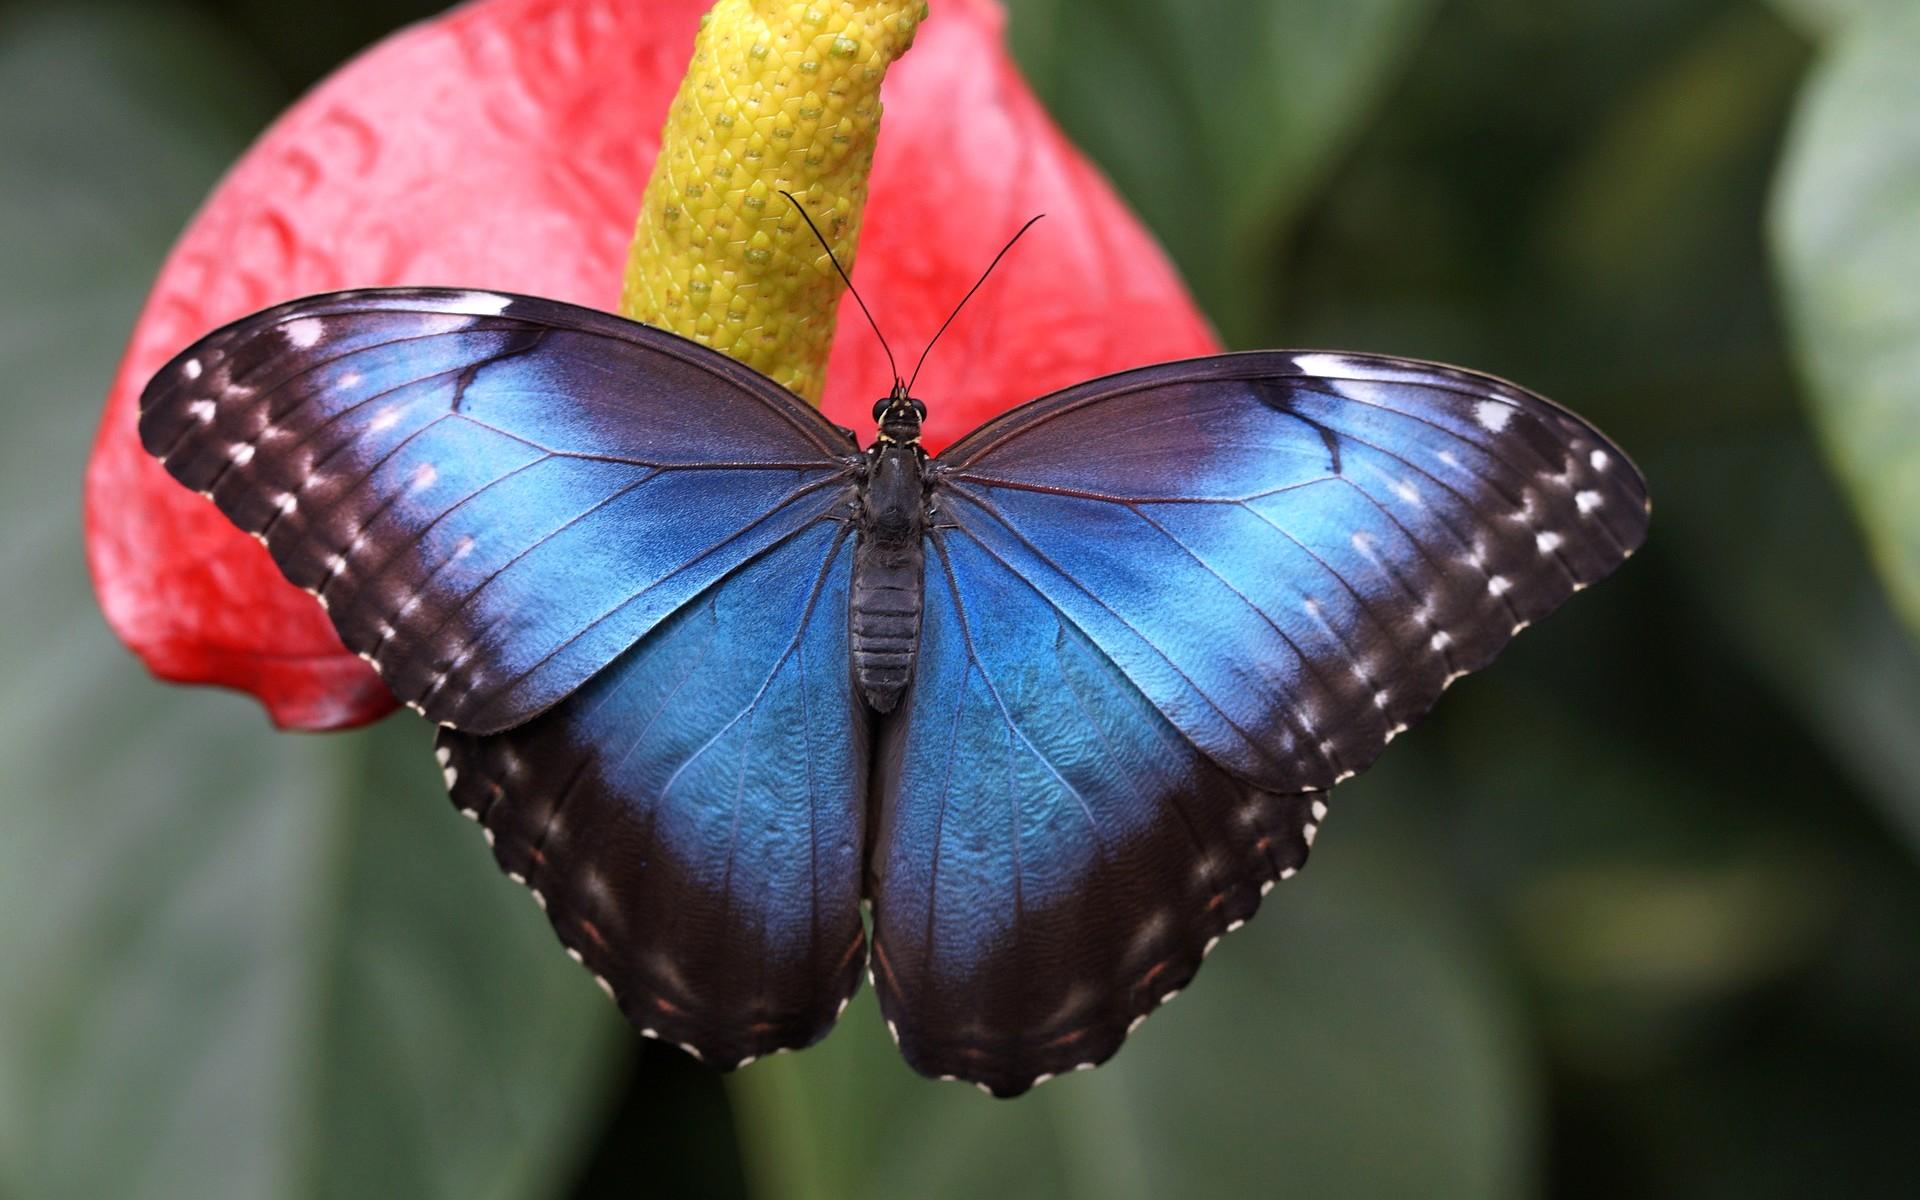 Fonds d 39 cran papillons gratuits - Image papillon gratuit ...